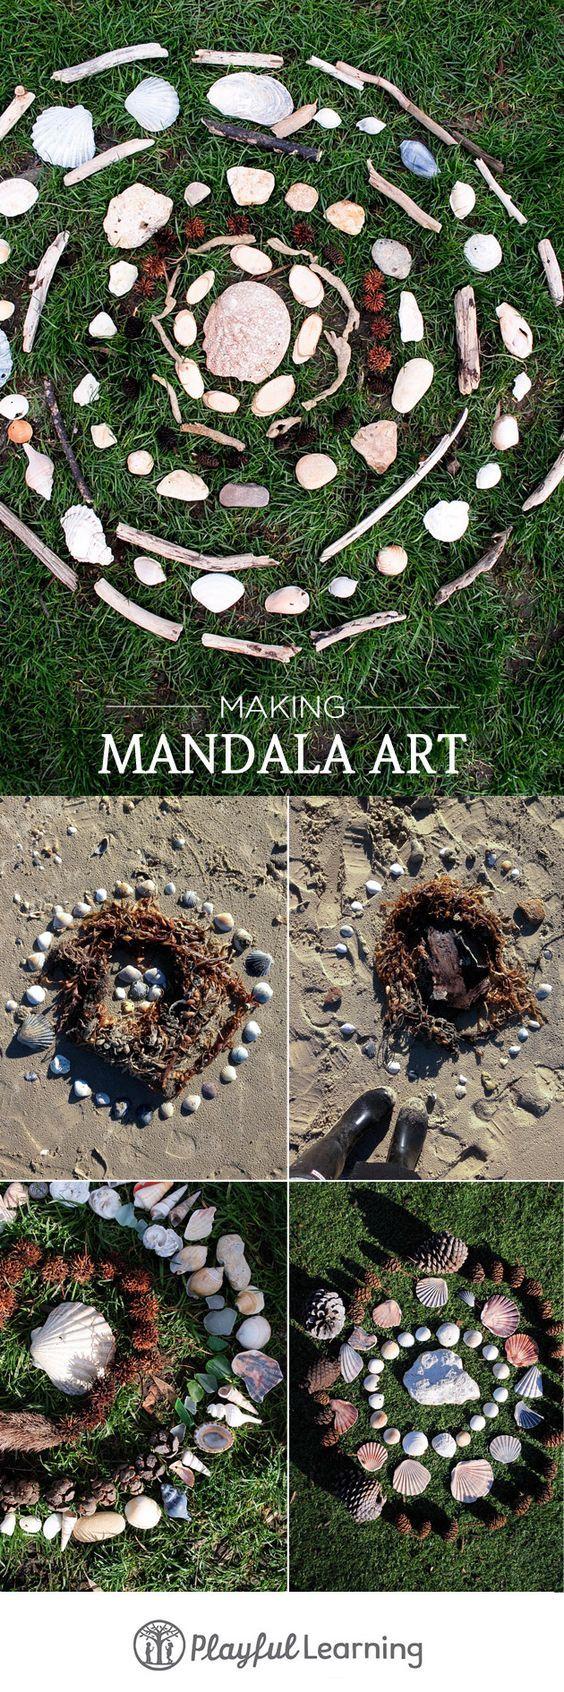 Kinder Draußen beschäftigen mit Mandalas aus Steinen oder Muscheln ***  A great way to spend quality time with kids outside - Mandala with stones or shellfish